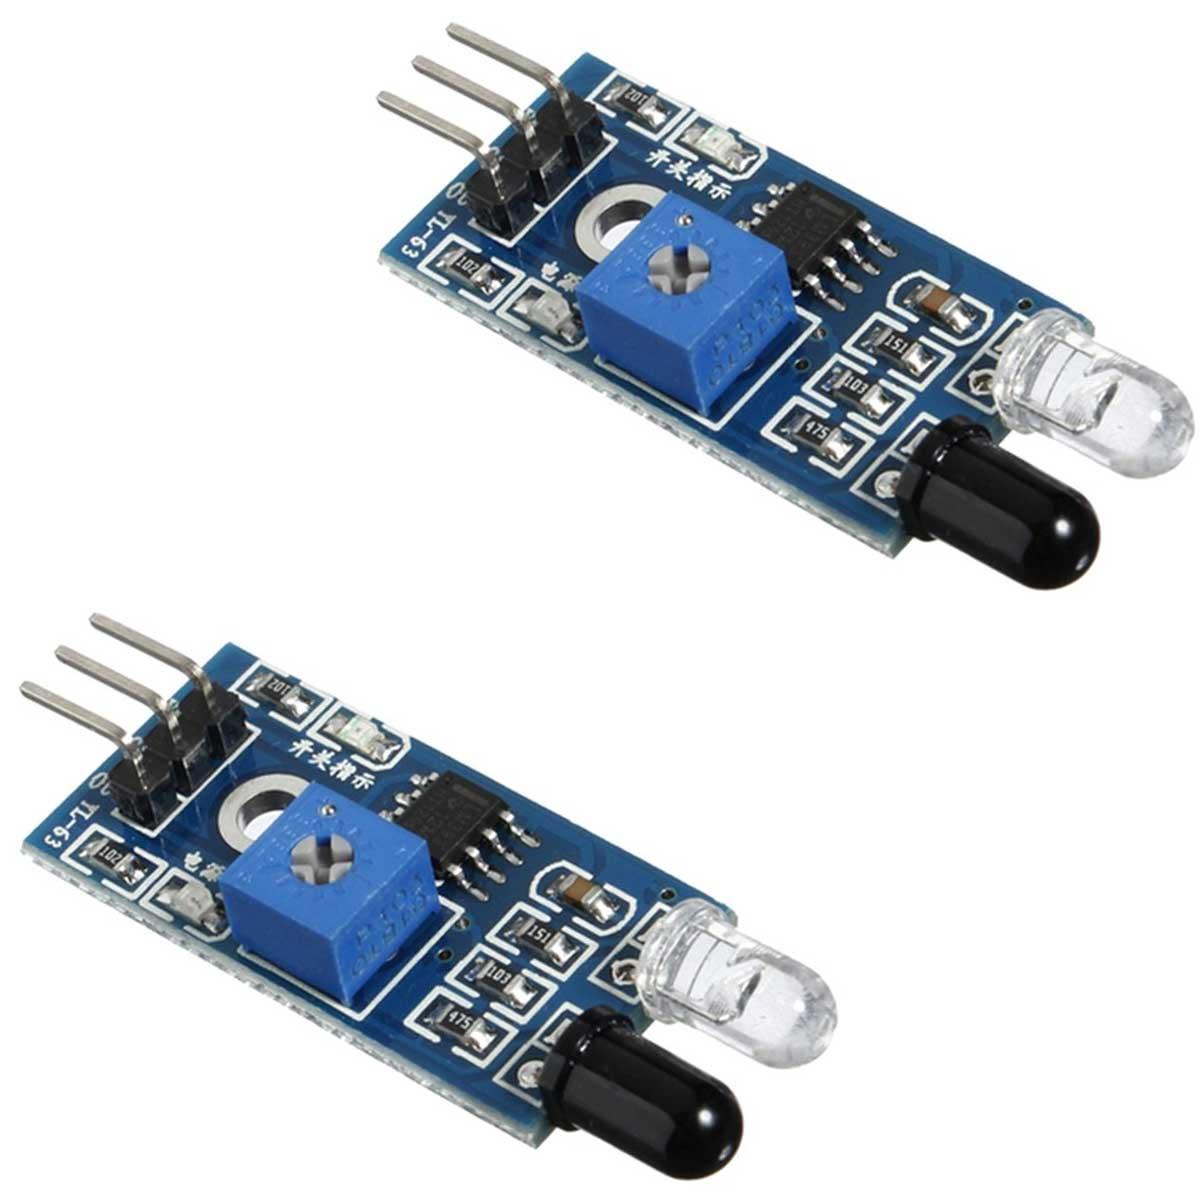 2x Sensor de Obstáculo Reflexivo Infravermelho IR